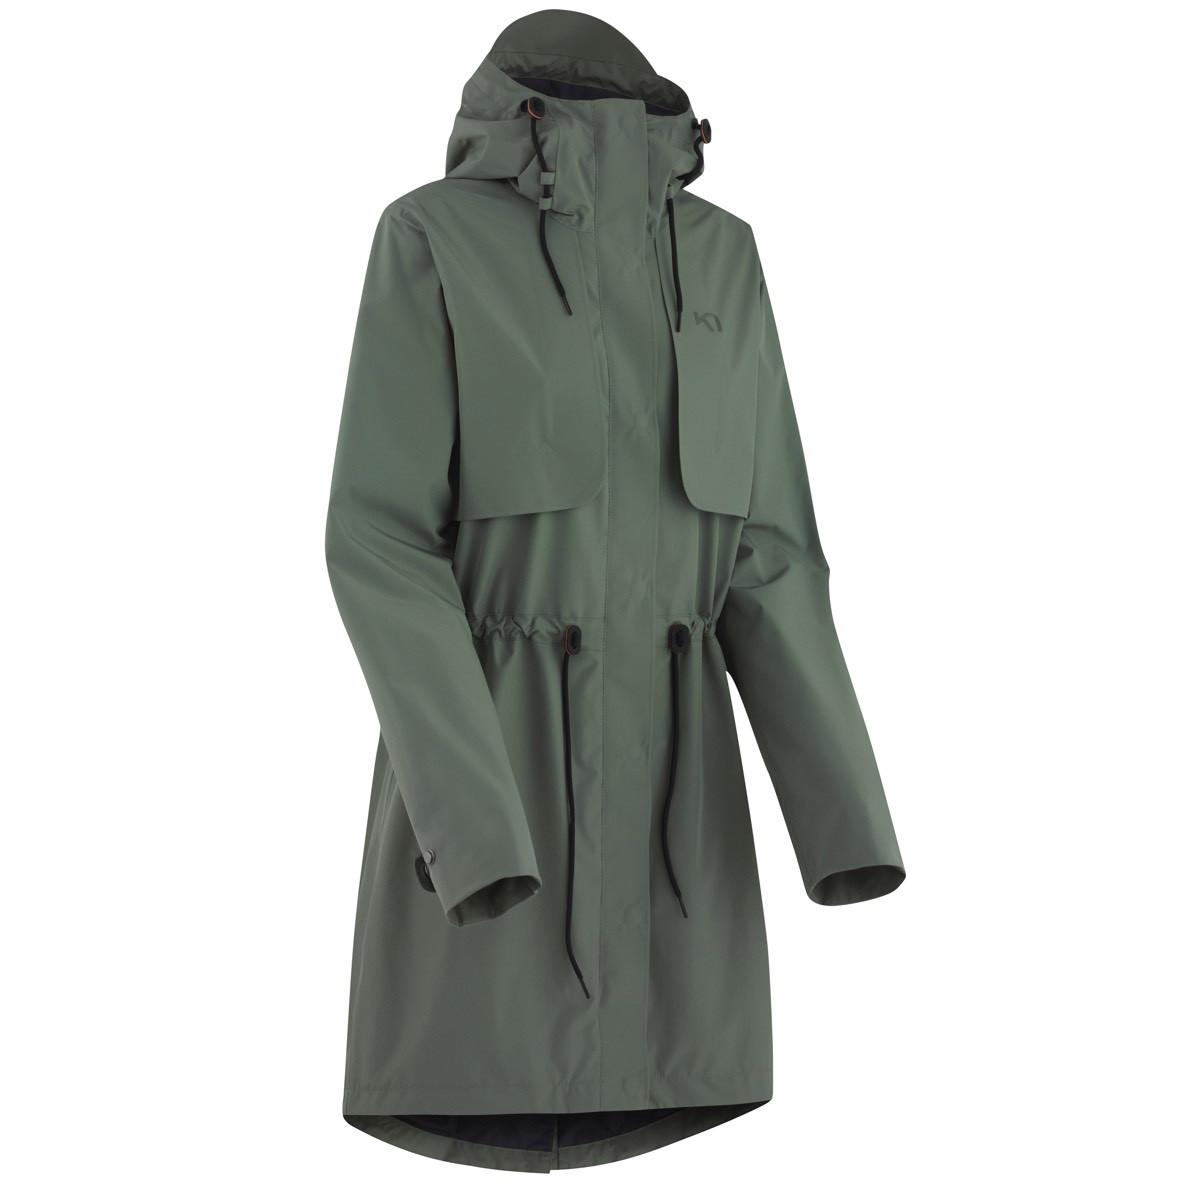 a070fa9e Kari Traa Gjerald L Jacket Coast Dame S Størrelser